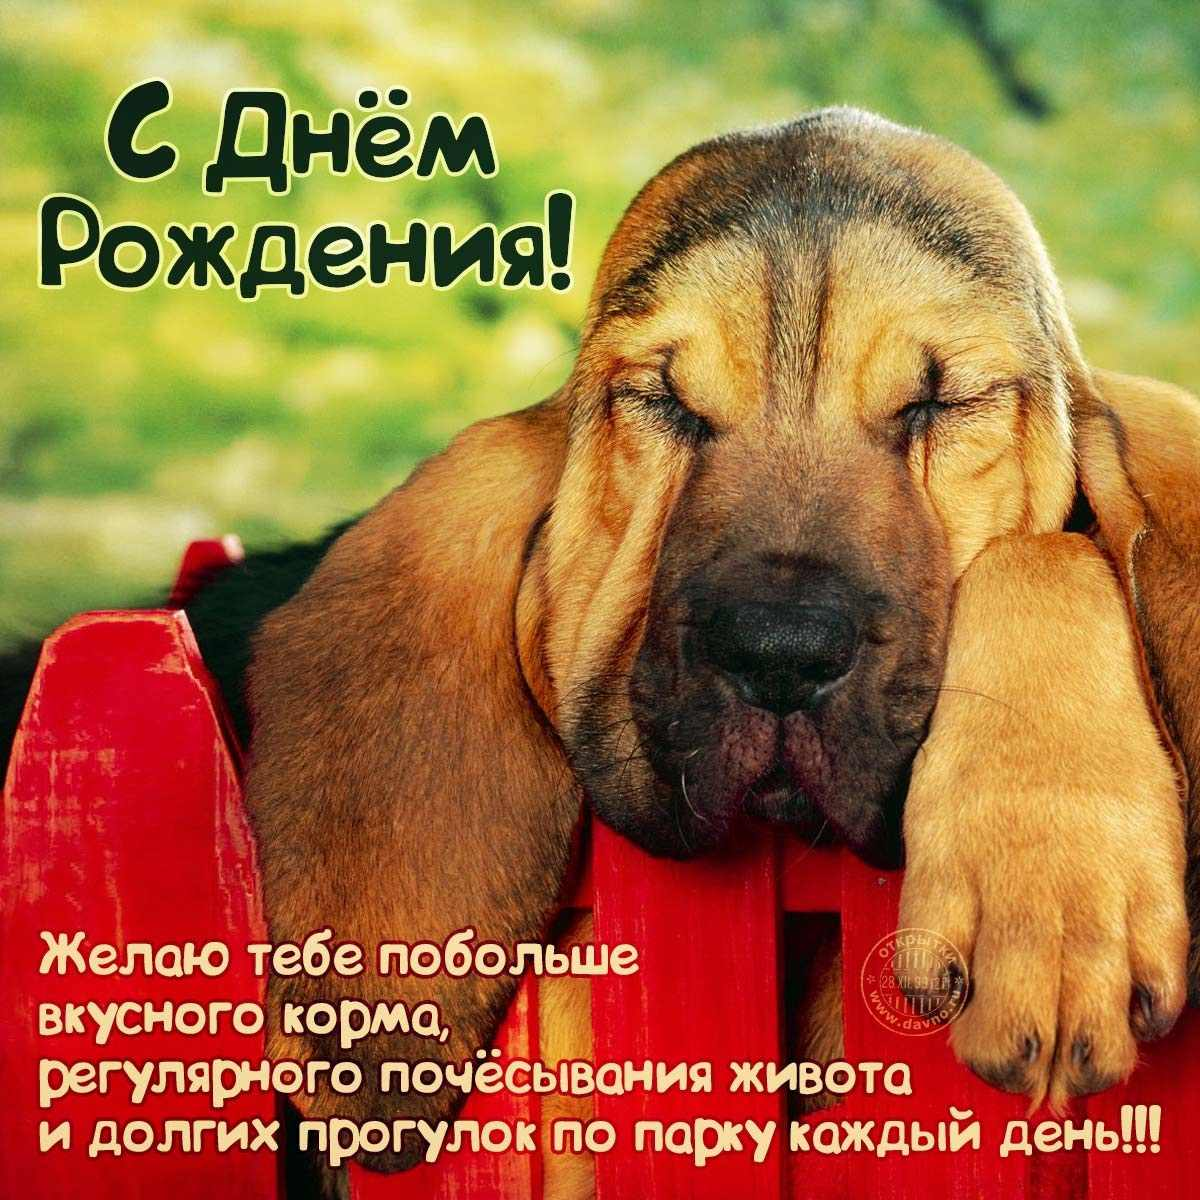 Прикольные картинки собак на прогулке 14